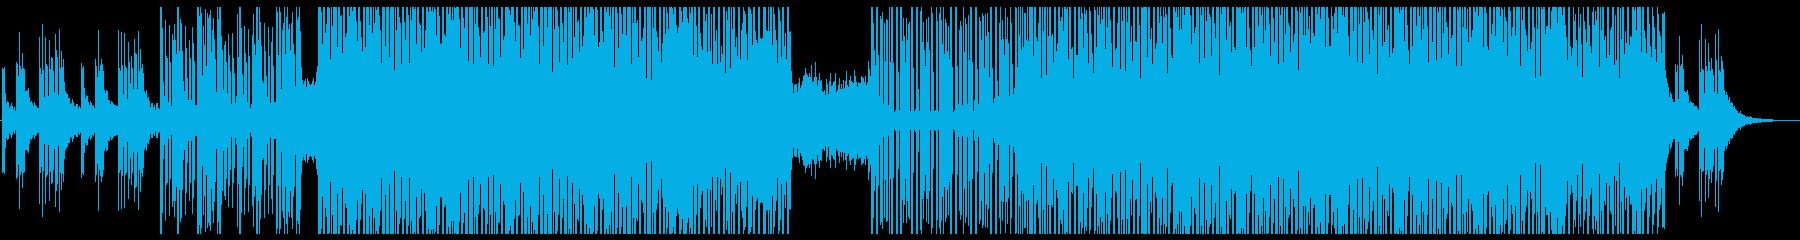 アップテンポで明るいシンセのメロディーの再生済みの波形